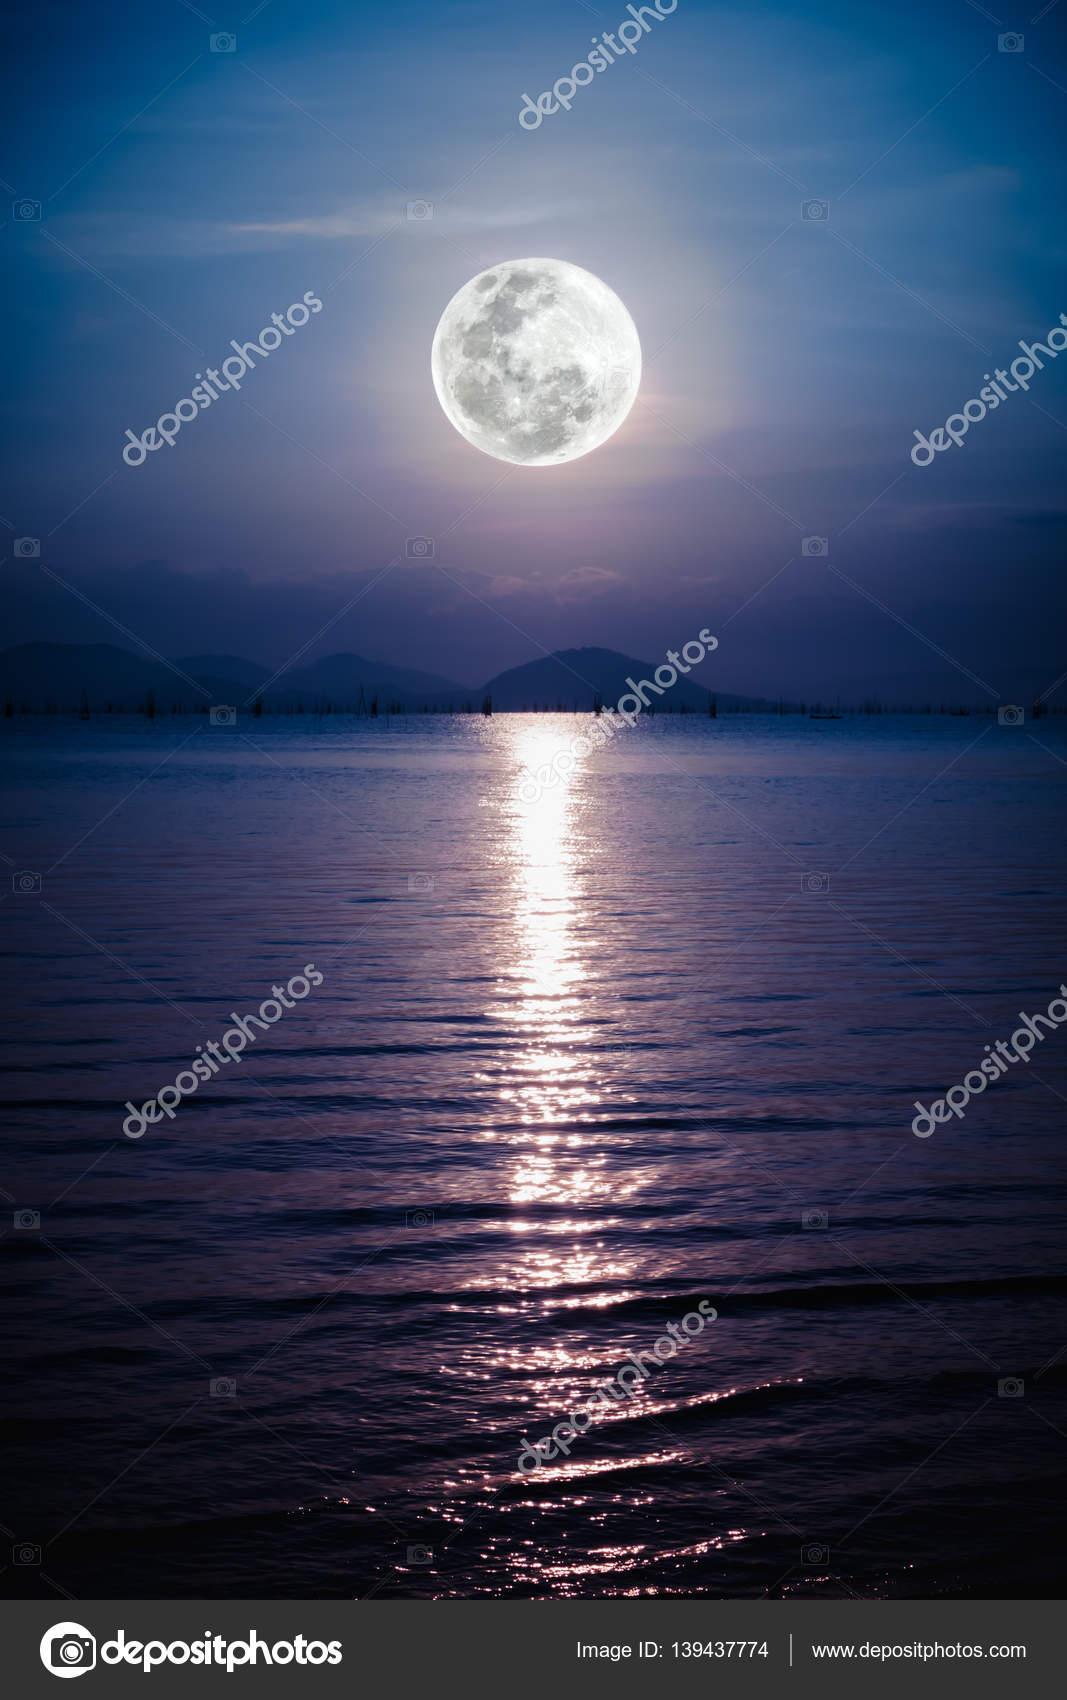 Romantico Scenico Con La Luna Piena Sul Mare Di Notte Riflessione